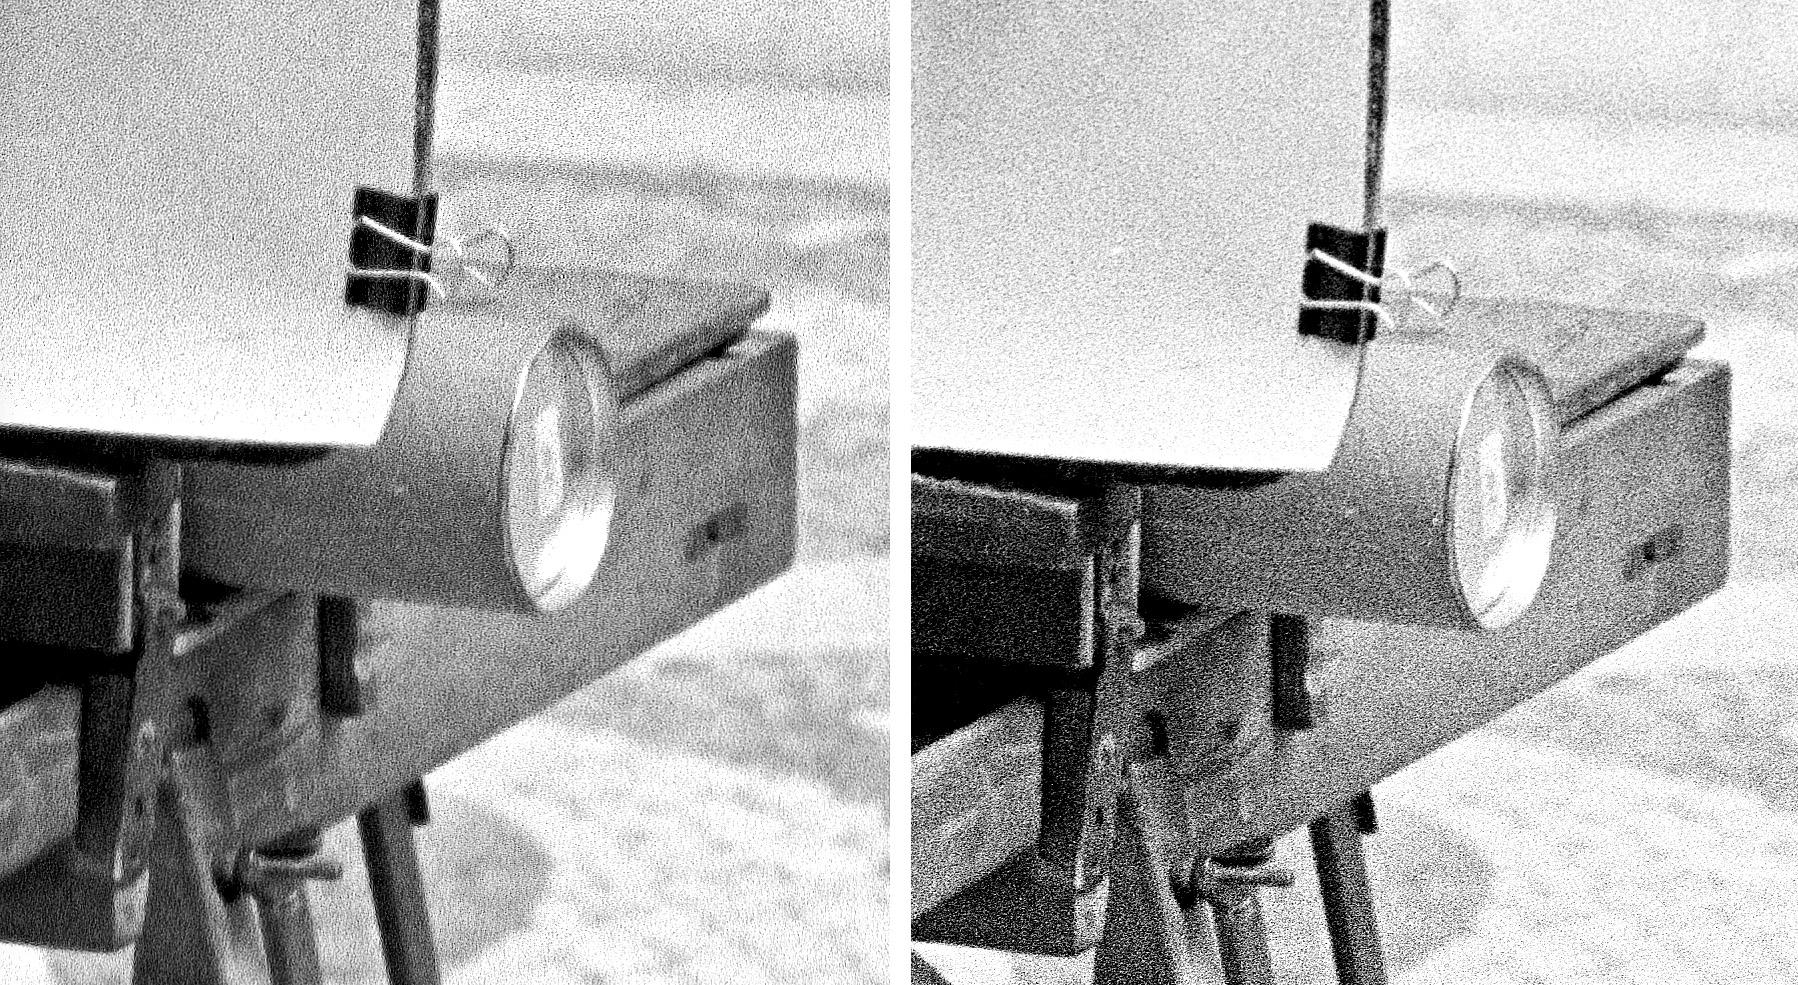 Srovnání výřezů z černobílého negativního filmu –vlevo Nikon D850 + AF-S Micro-Nikkor 60 mm f/2,8G ED a adaptér ES-2, vpravo kinofilmový skener Minolta Dimage Scan Elite 5400 (pozn.: Neměl jsem již zdrojový sken –toto je už upravená fotografie vč. doostření)